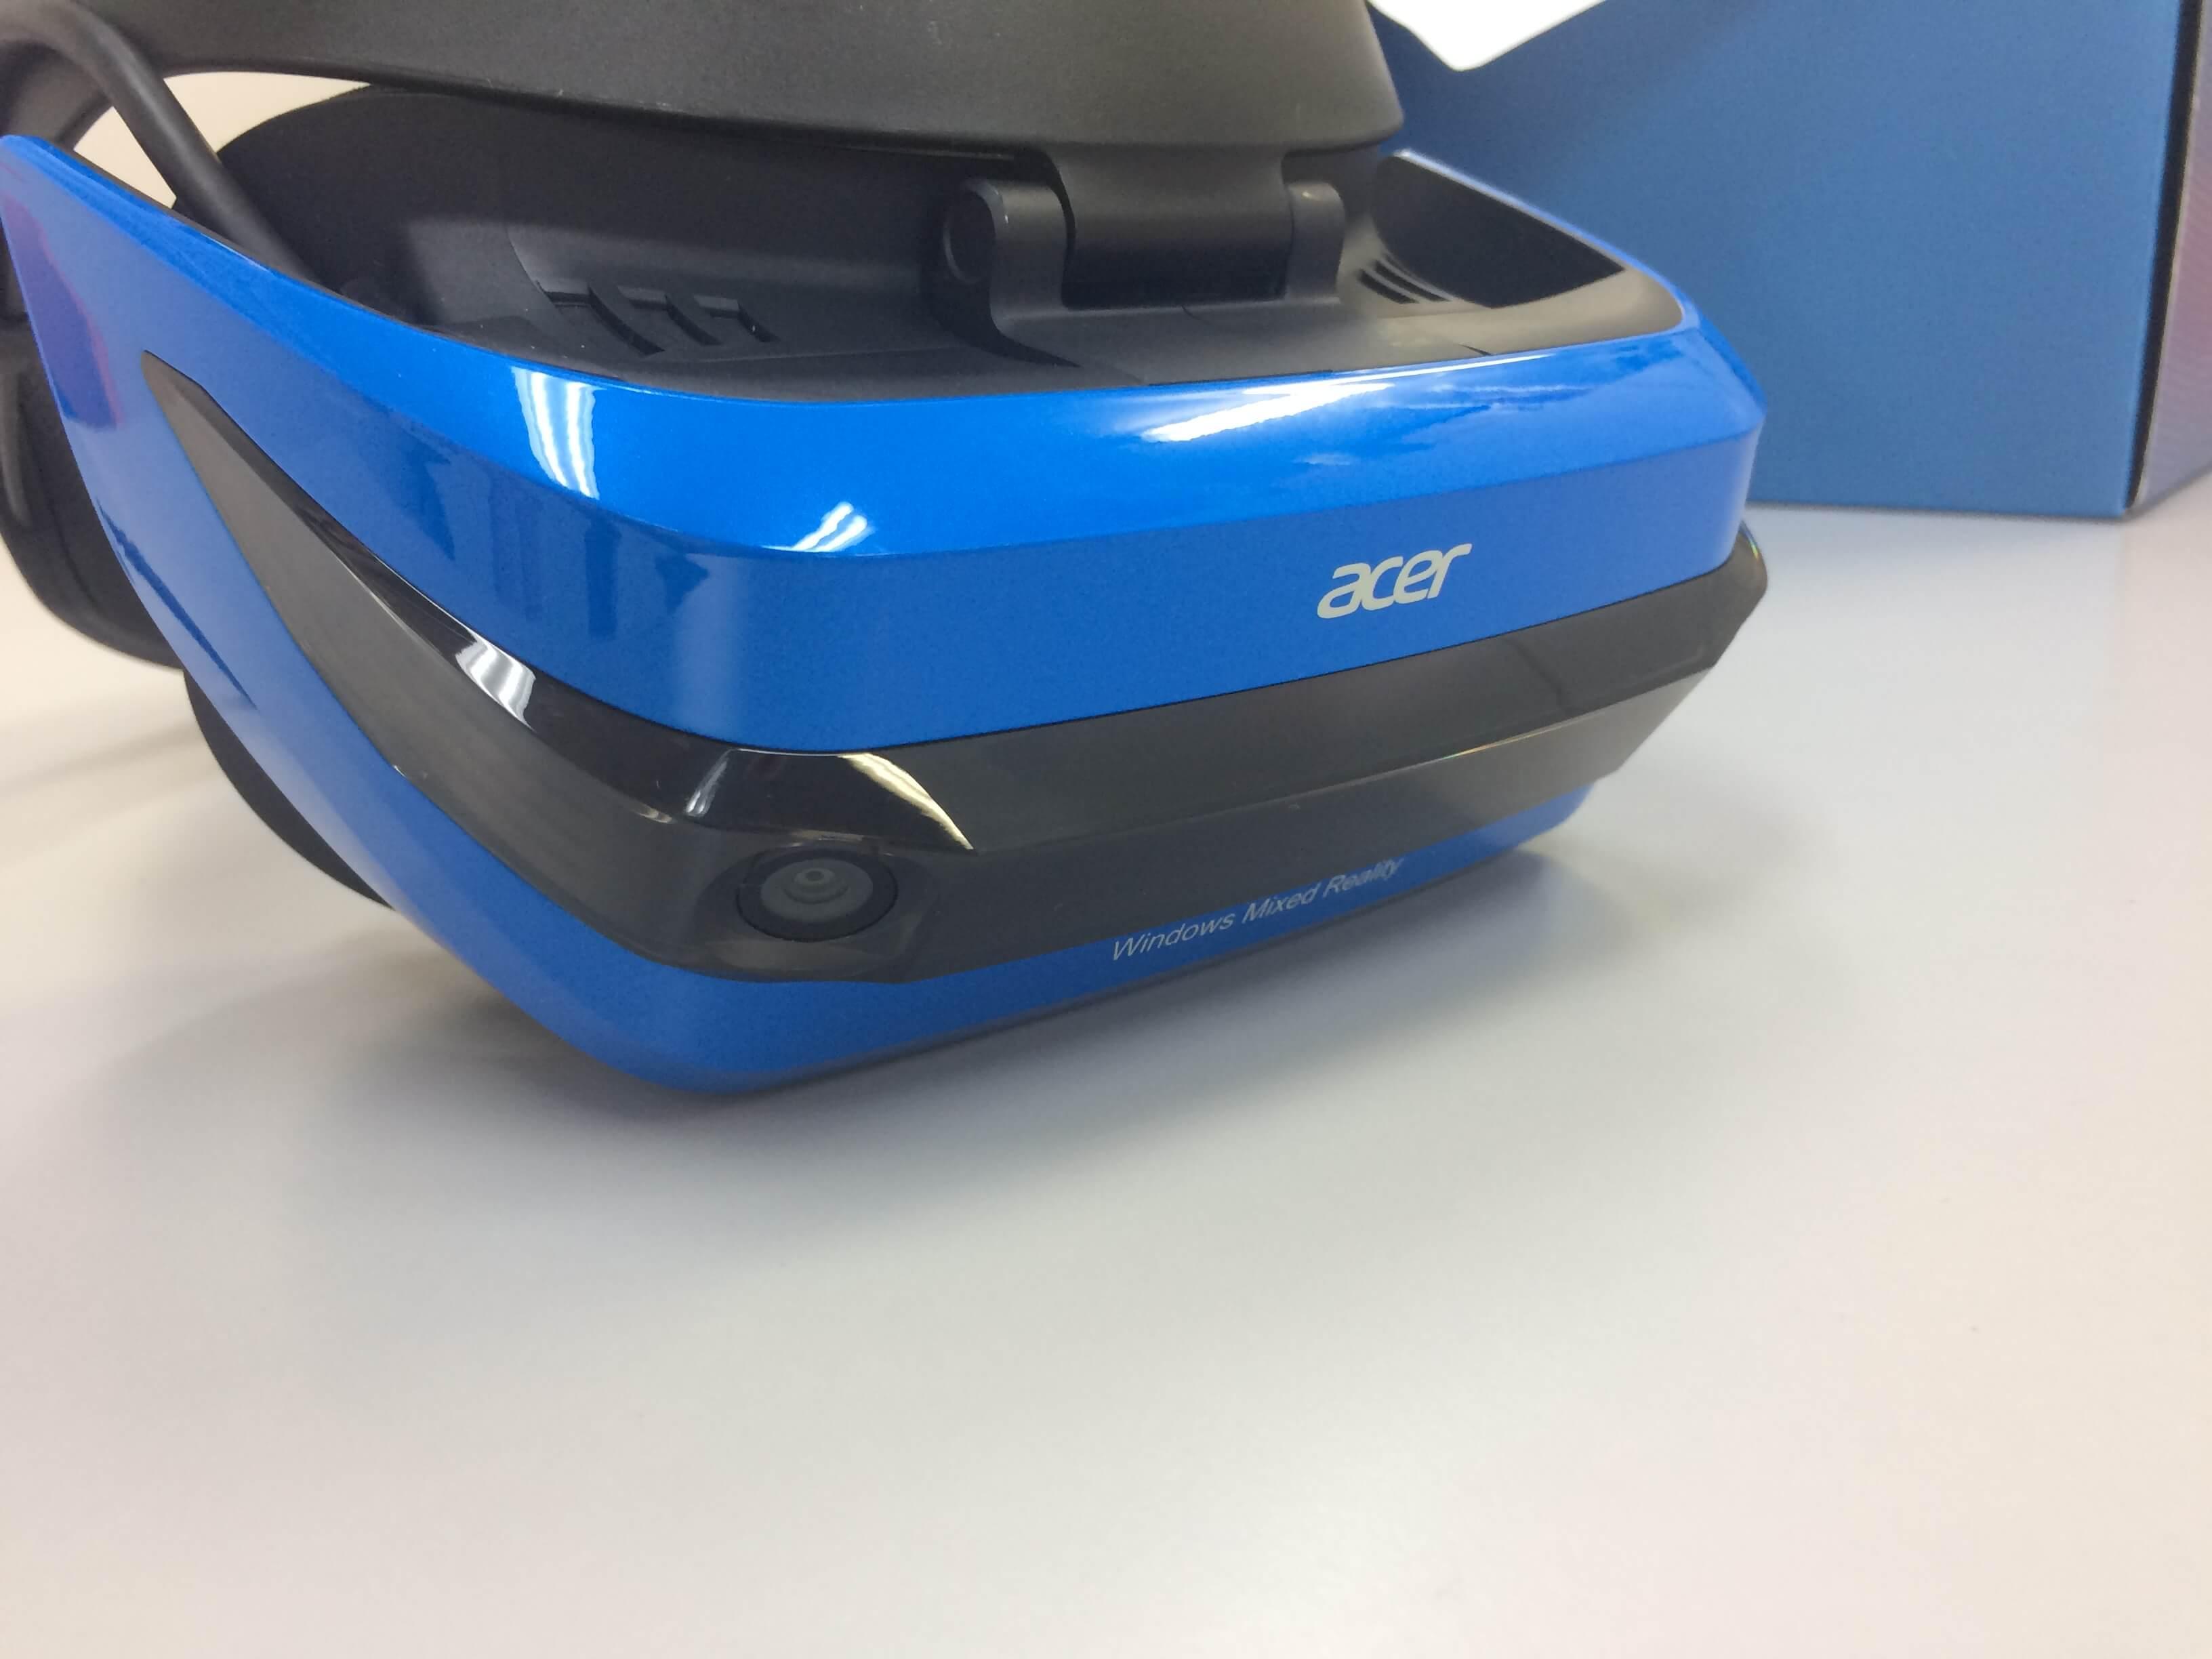 「Acer Windows MR ヘッドセット」本体写真